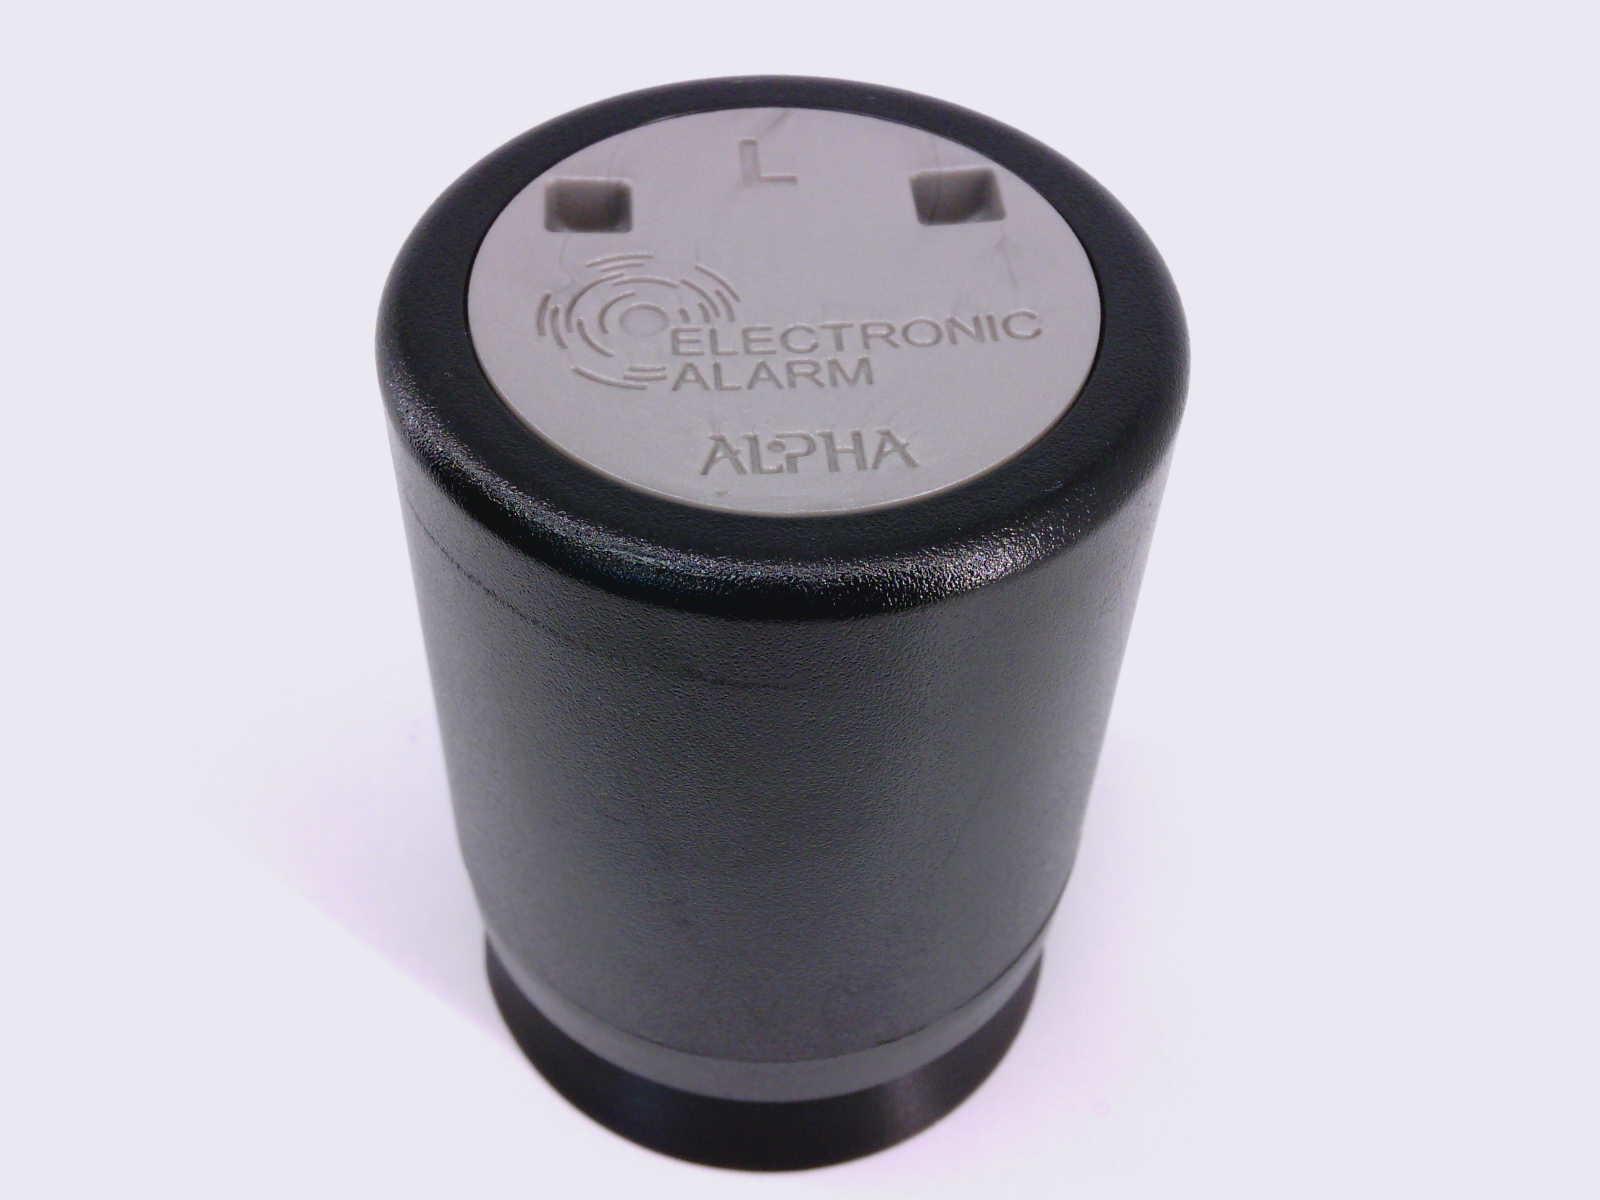 50 Alpha S3 Bottle Cap Liquor Security Alarm Tag Large AM